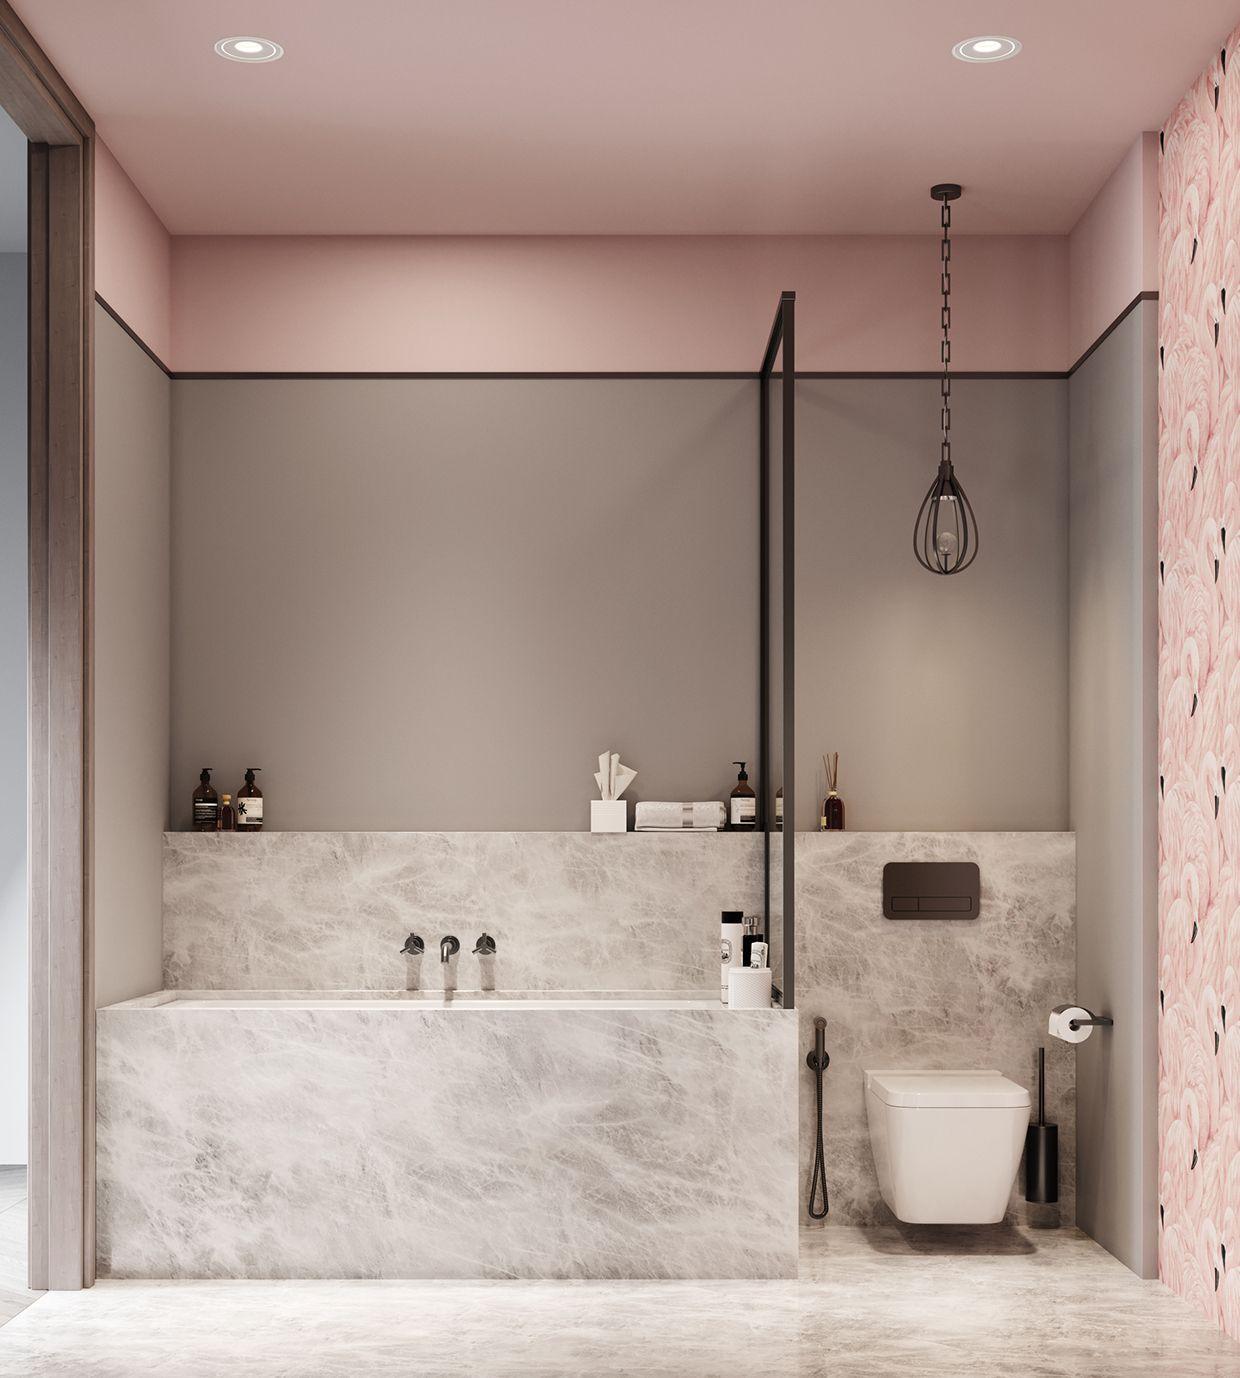 Badkamer in roze én marmer. | Badkamers | Pinterest - Badkamer, Roze ...